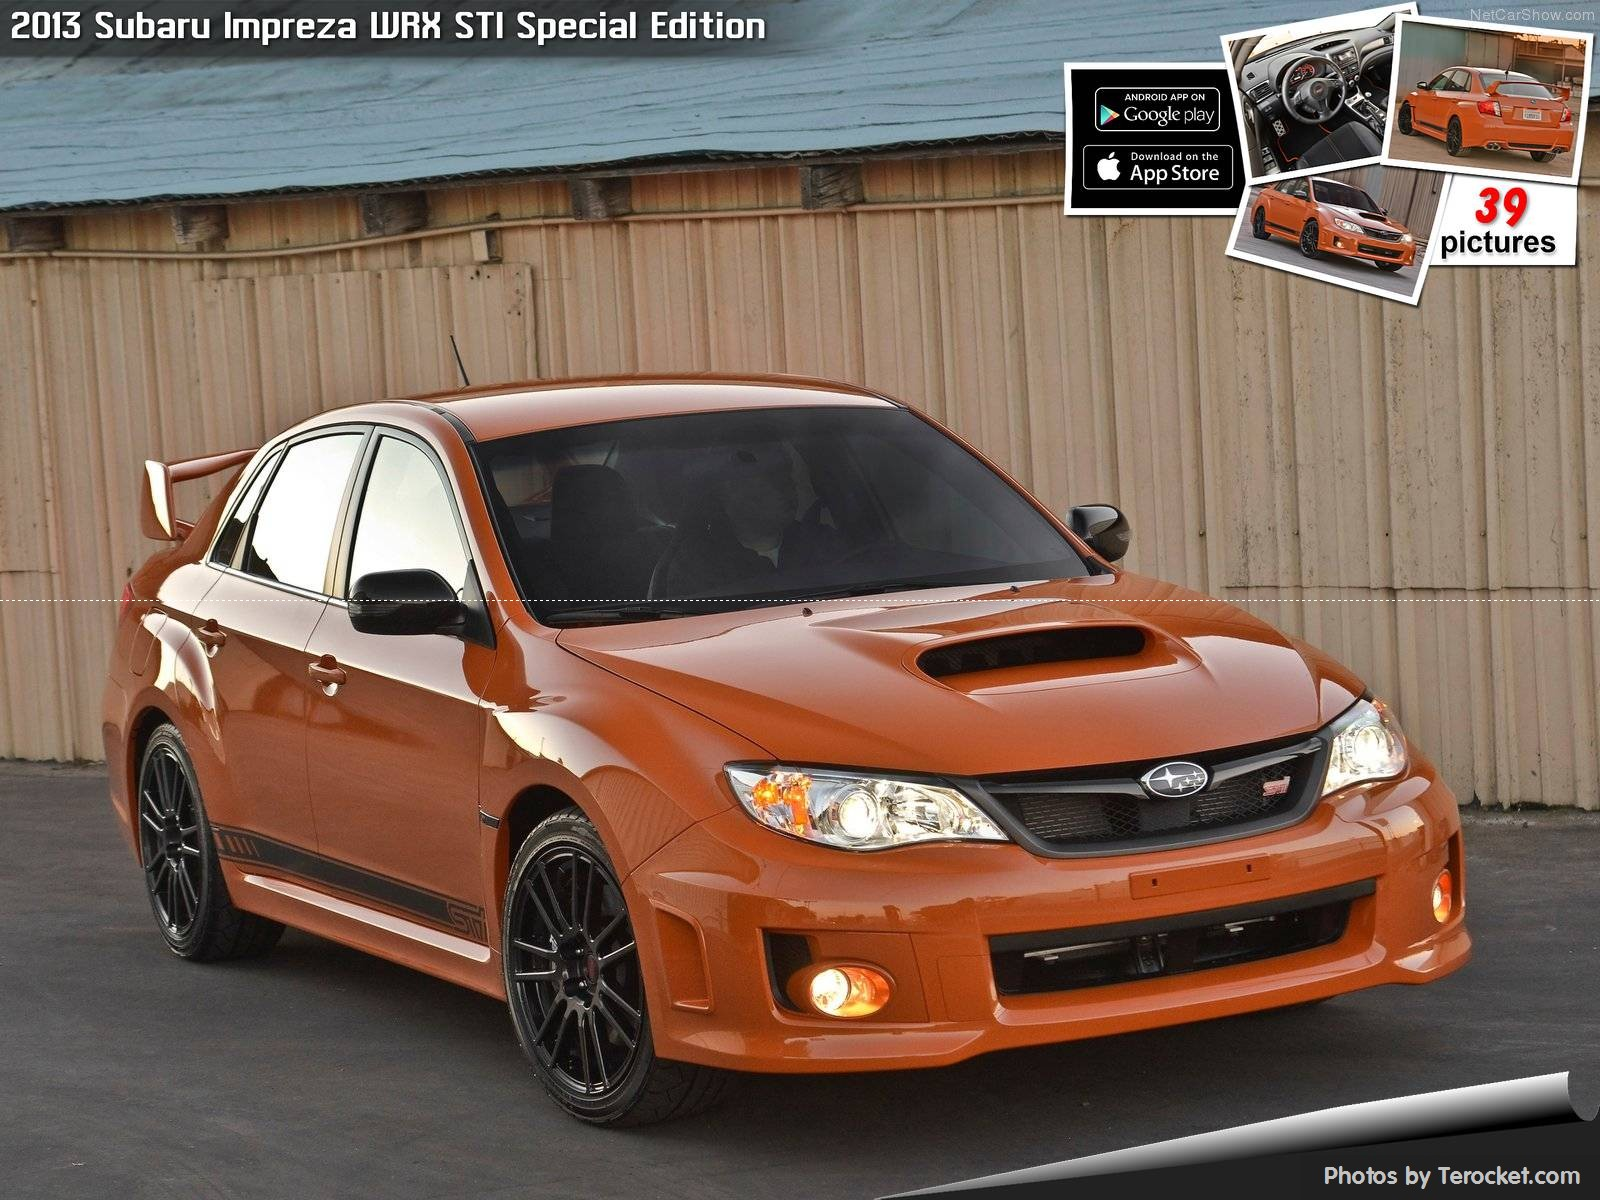 Hình ảnh xe ô tô Subaru Impreza WRX Special Edition 2013 & nội ngoại thất